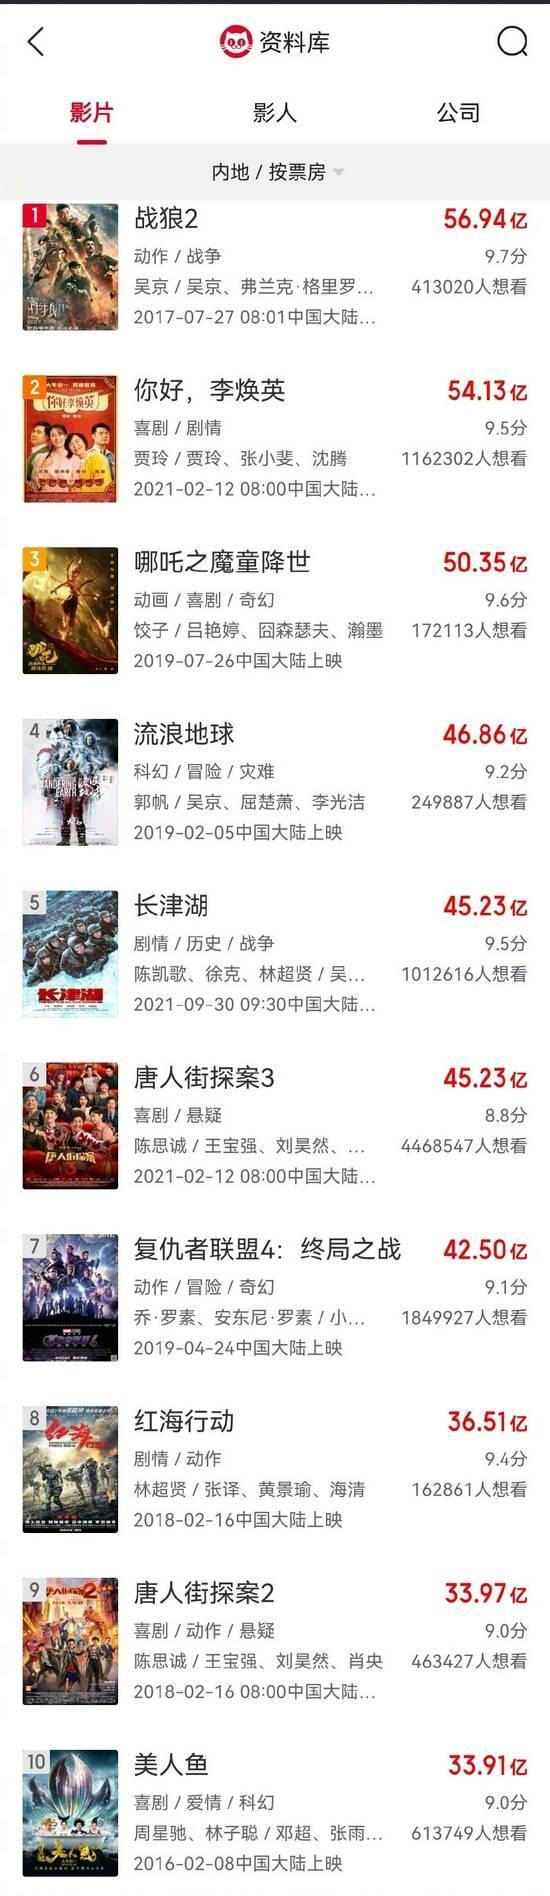 正式超过《唐人街探案3》 《长津湖》累计票房超45亿